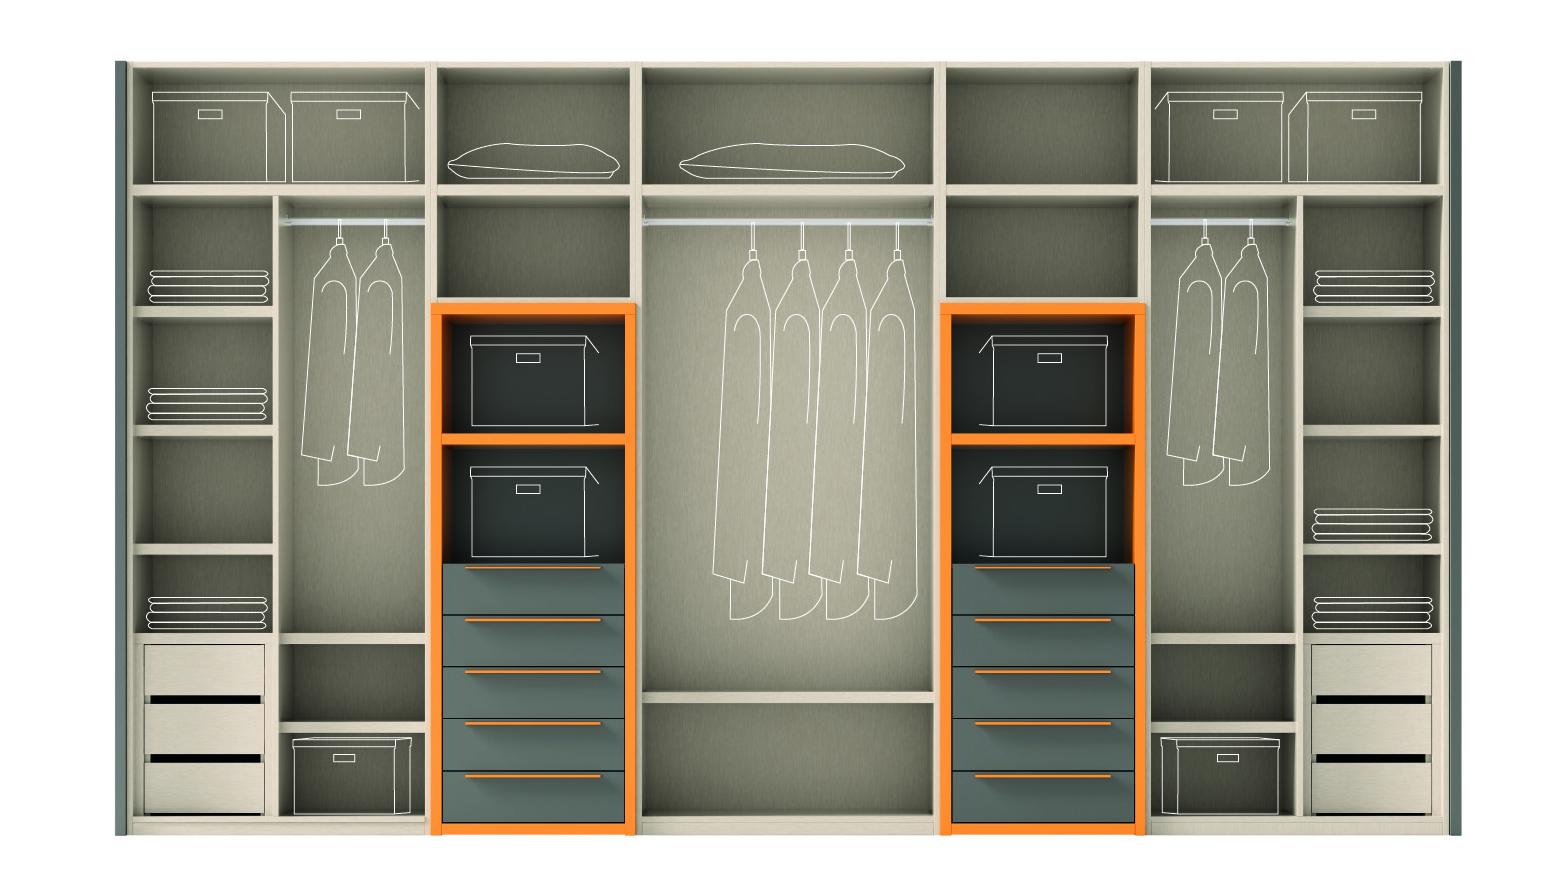 Armarios. Interiores y almacenaje - Blog de Muebles Ros